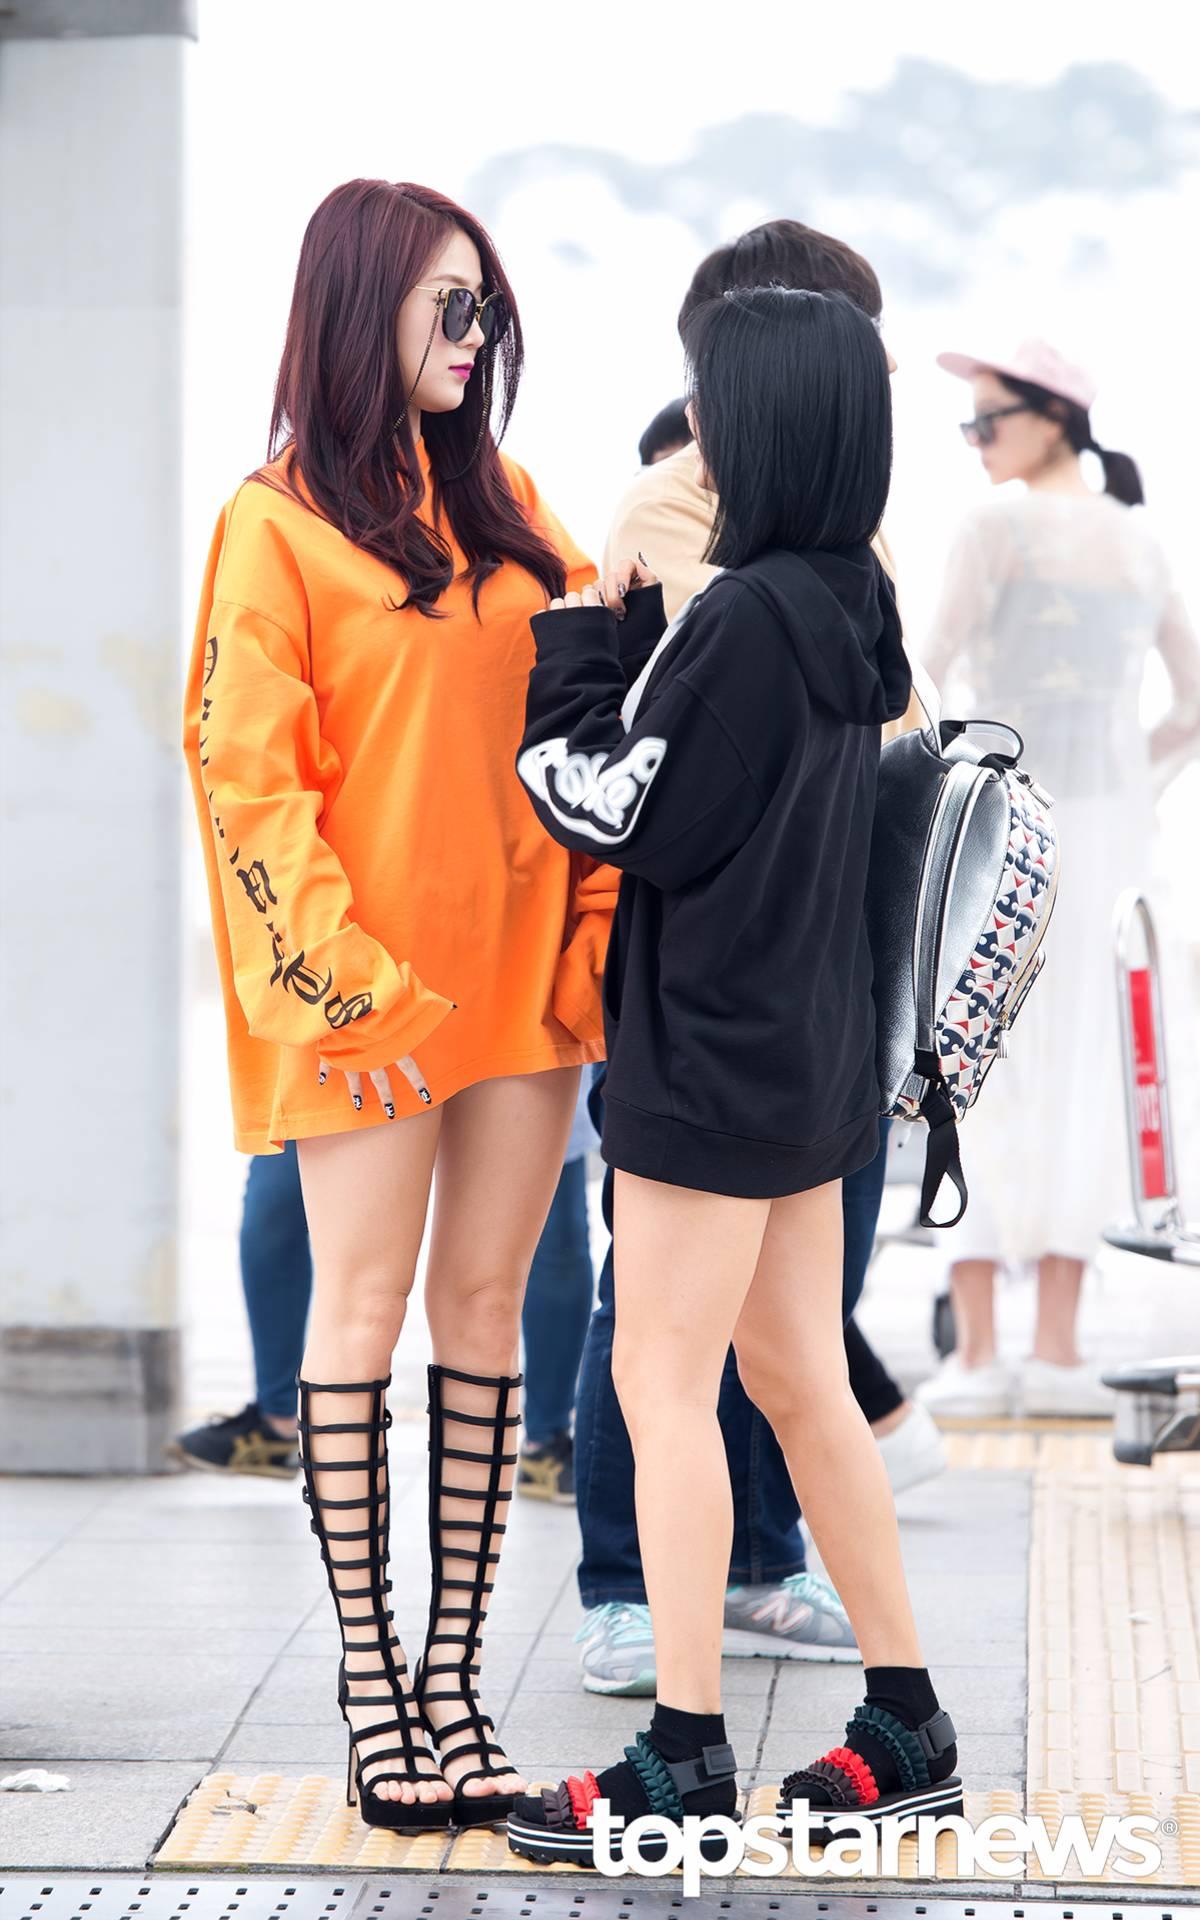 就是這張照片讓韓國粉絲們大呼既性感又充滿魅力的瞬間!雖然穿著大學T好身材仍舊擋不住!